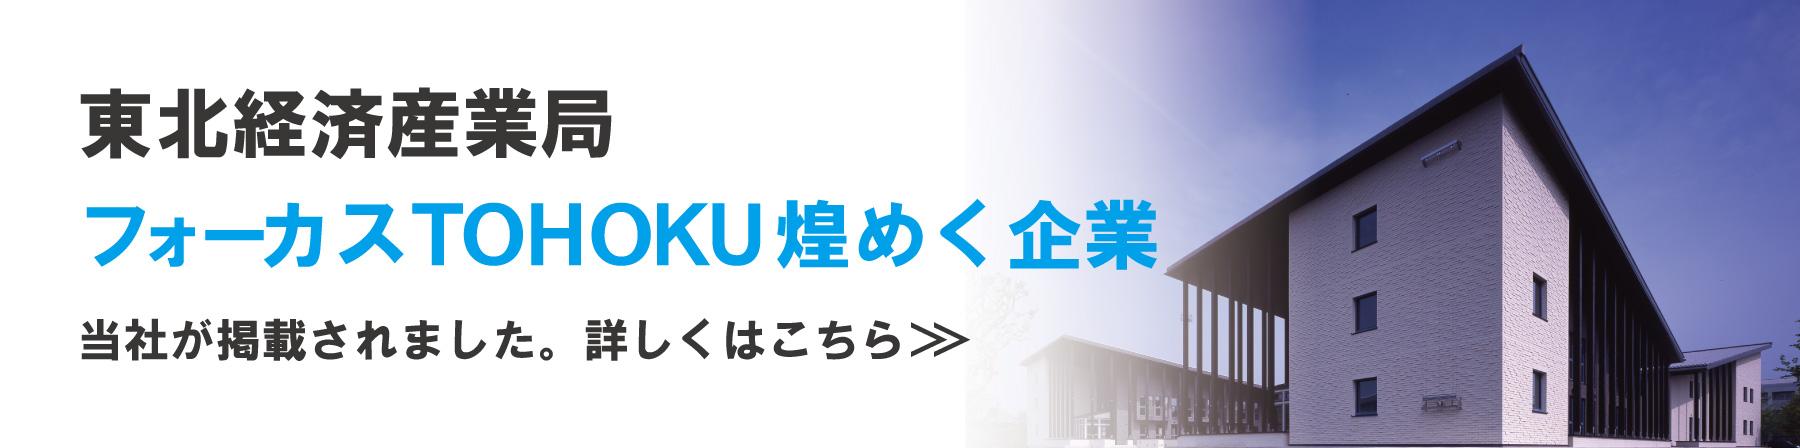 東北経済産業局「フォーカスTOHOKU煌めく企業」外部リンク